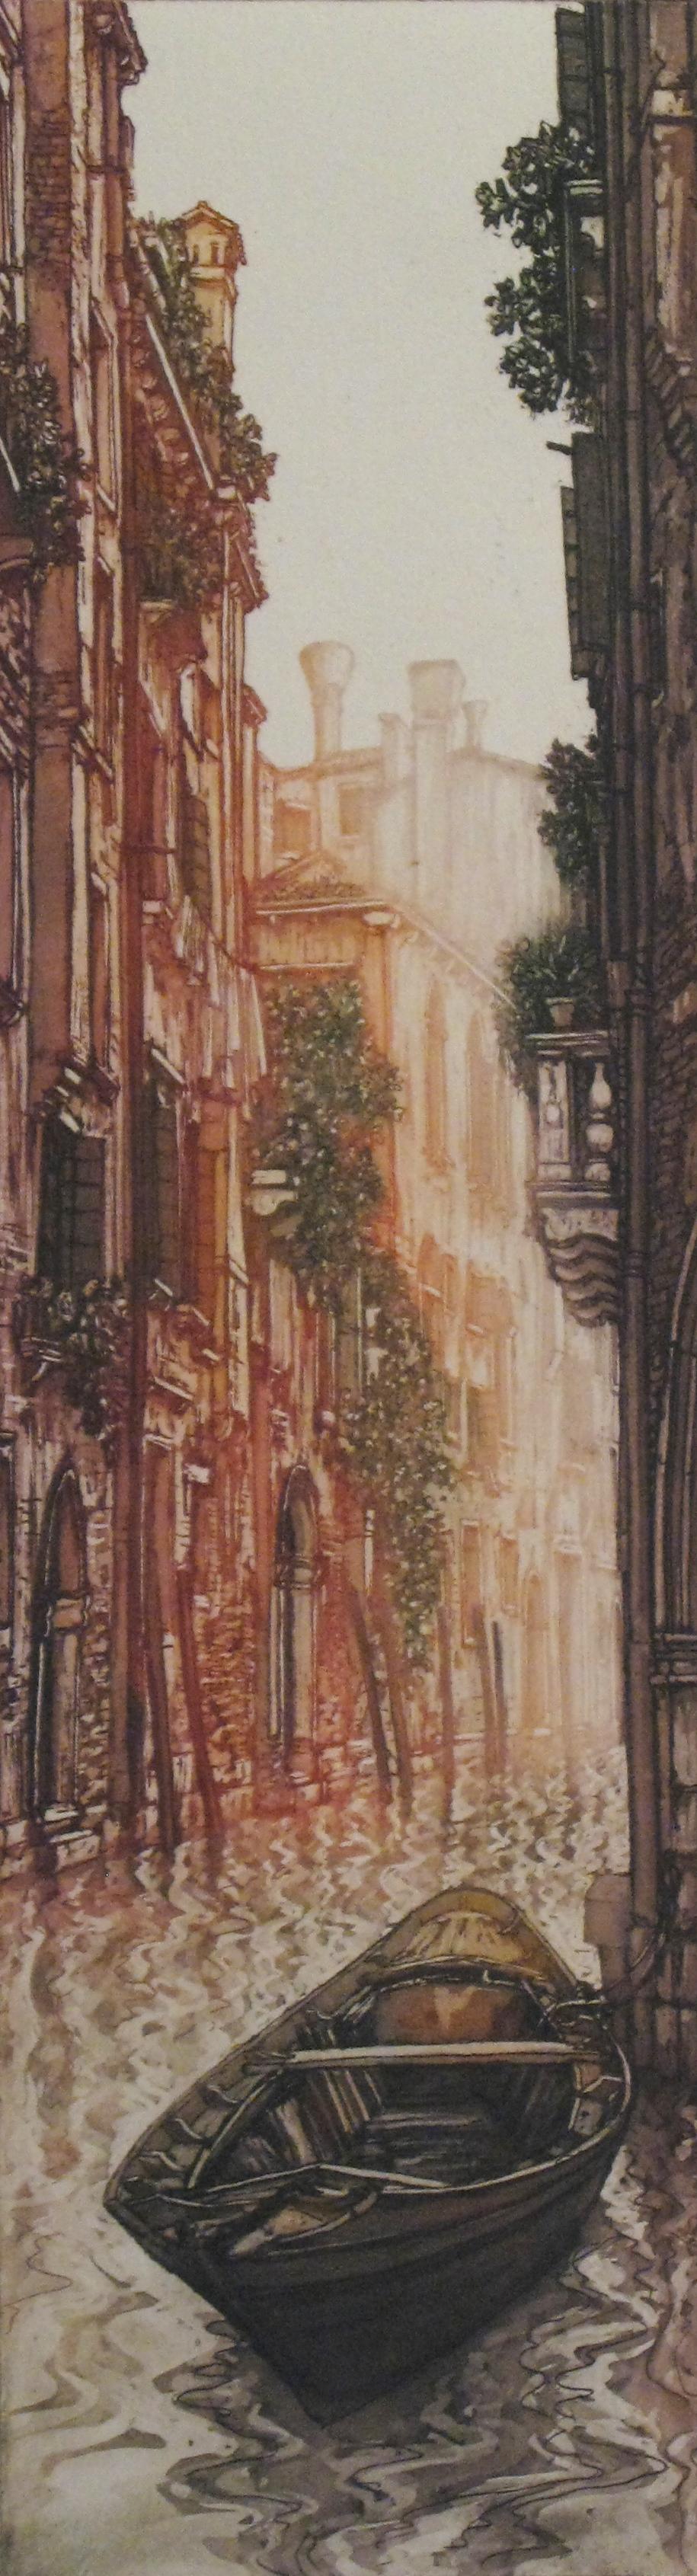 Venice XLIII